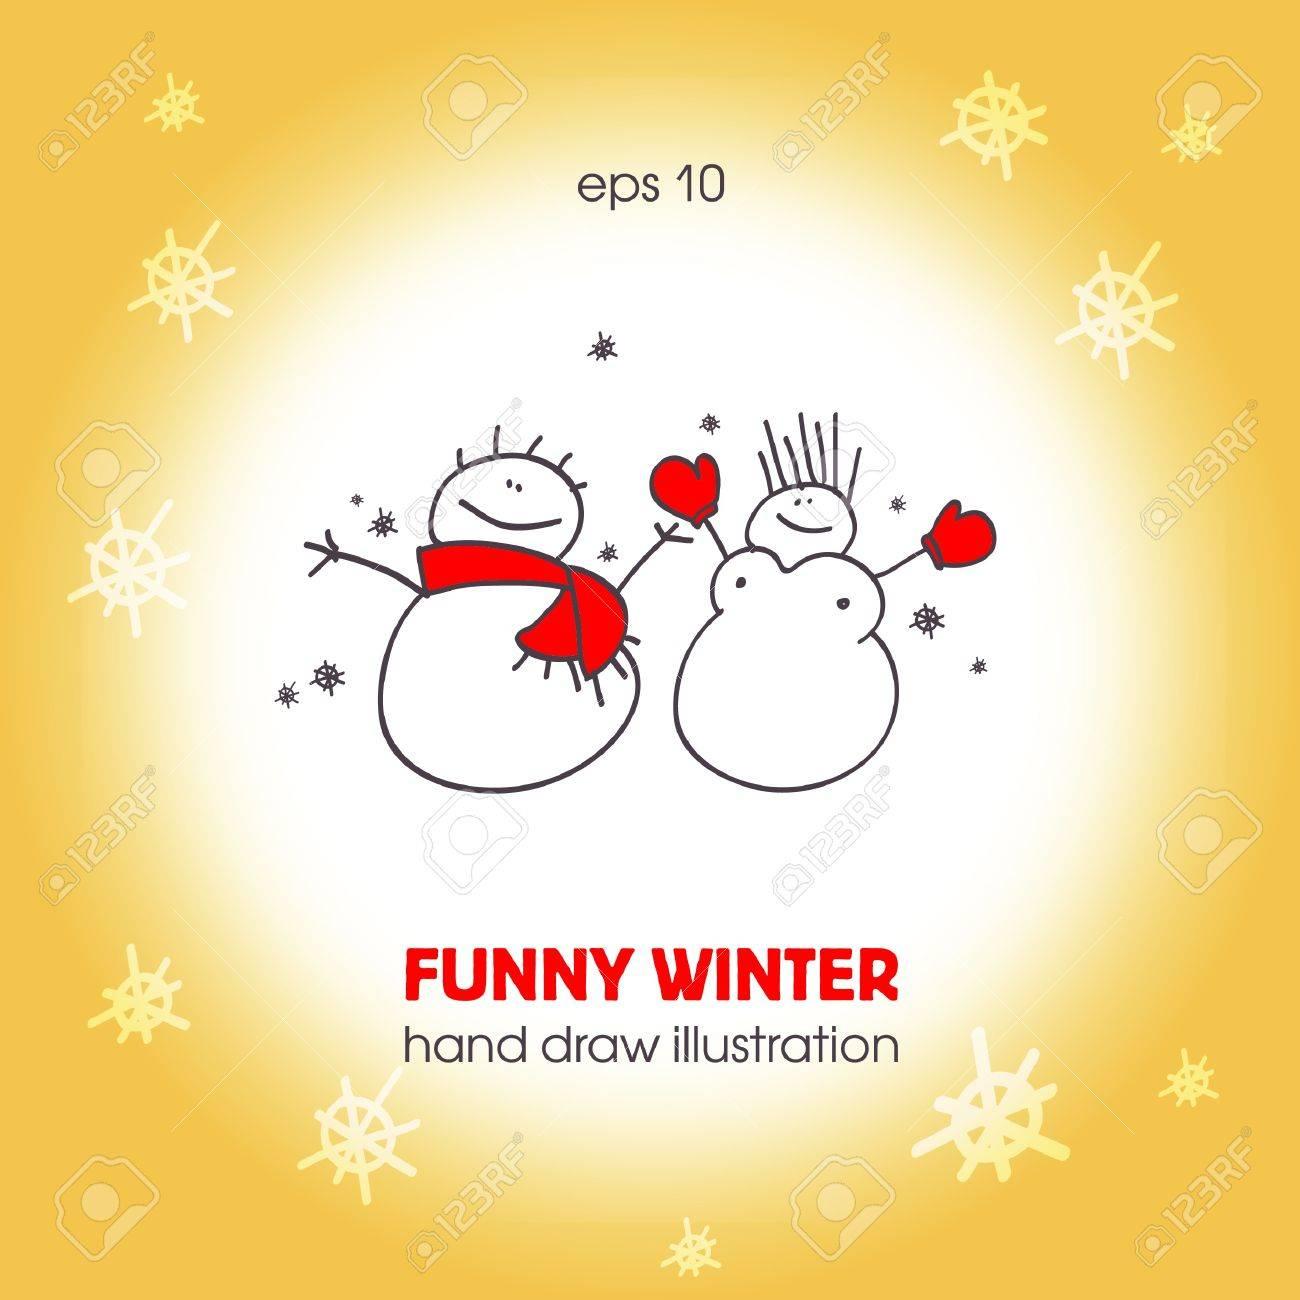 面白い雪だるまのカップル。クリスマス イラスト。eps10 ロイヤリティ